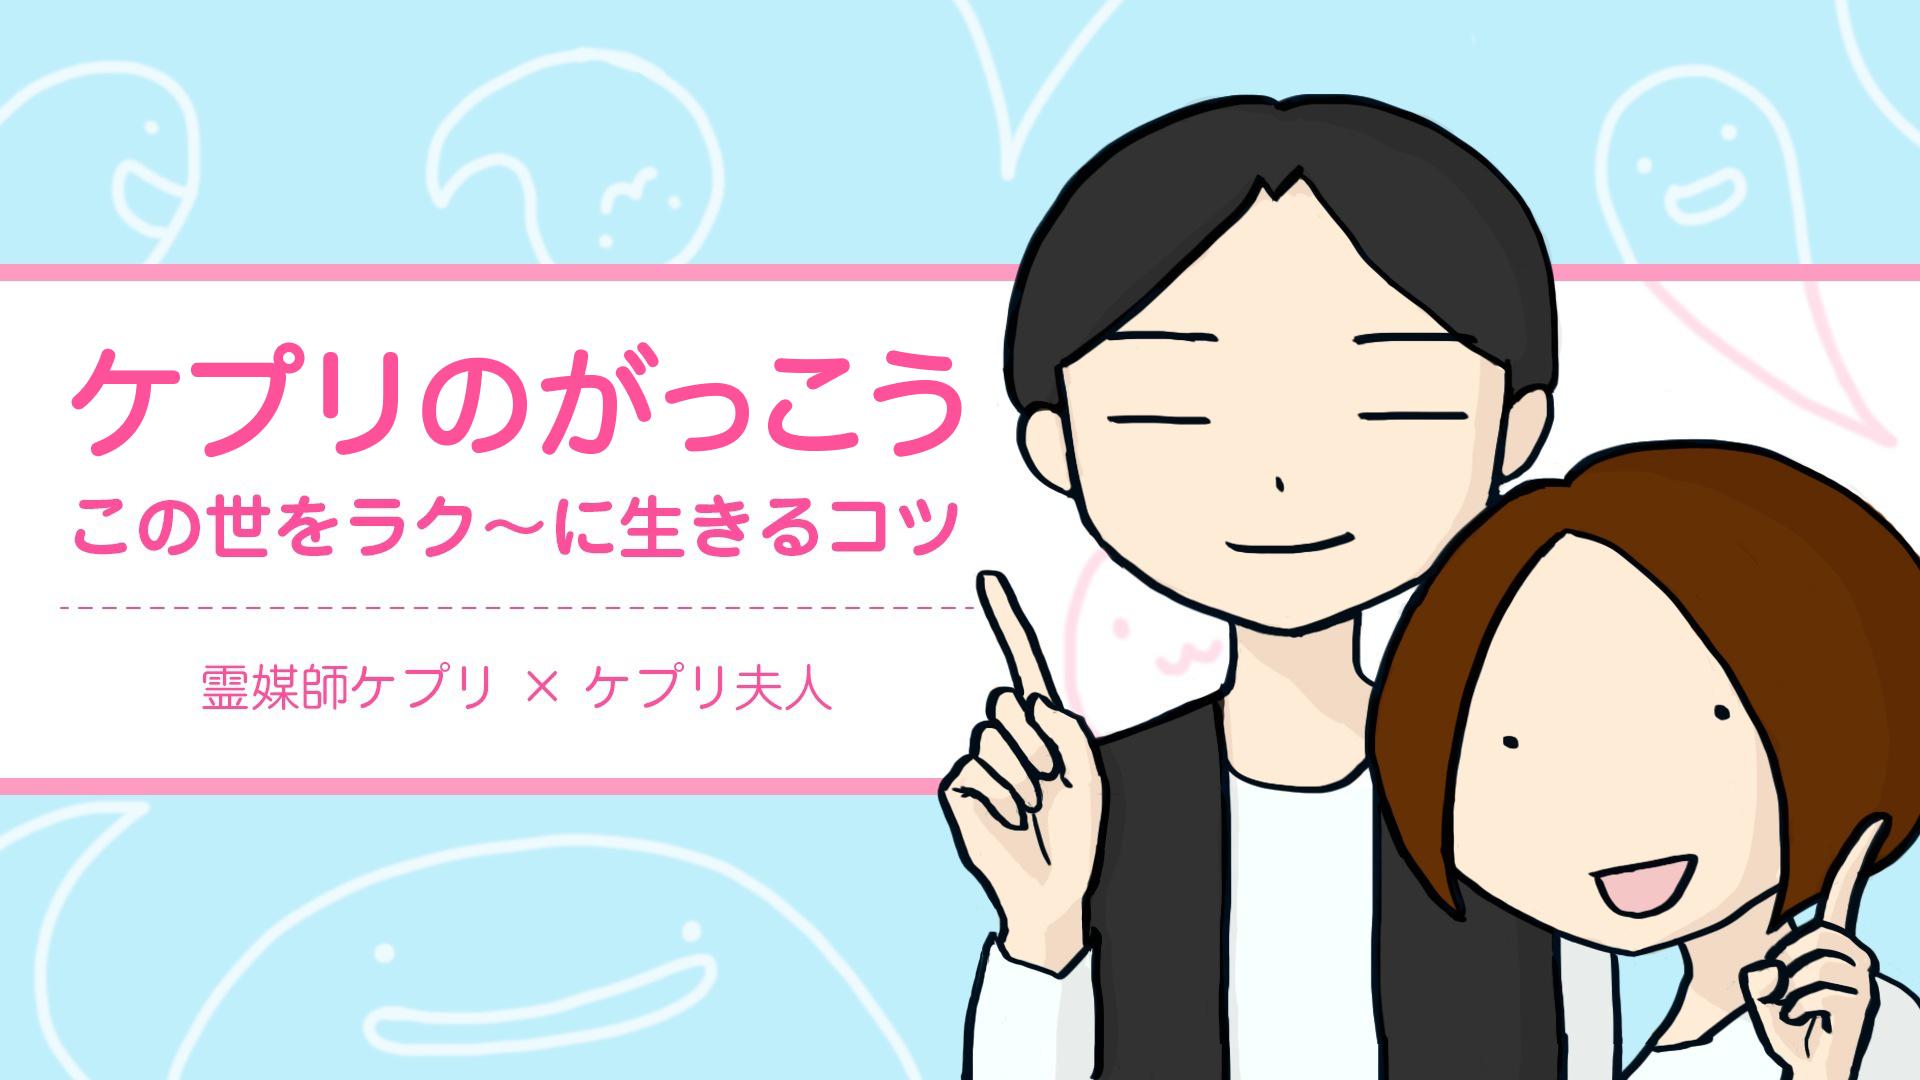 ケプリ・ケプリ夫人 - ケプリのがっこう〜この世をラクーに生きるコツ〜 - DMM オンラインサロン